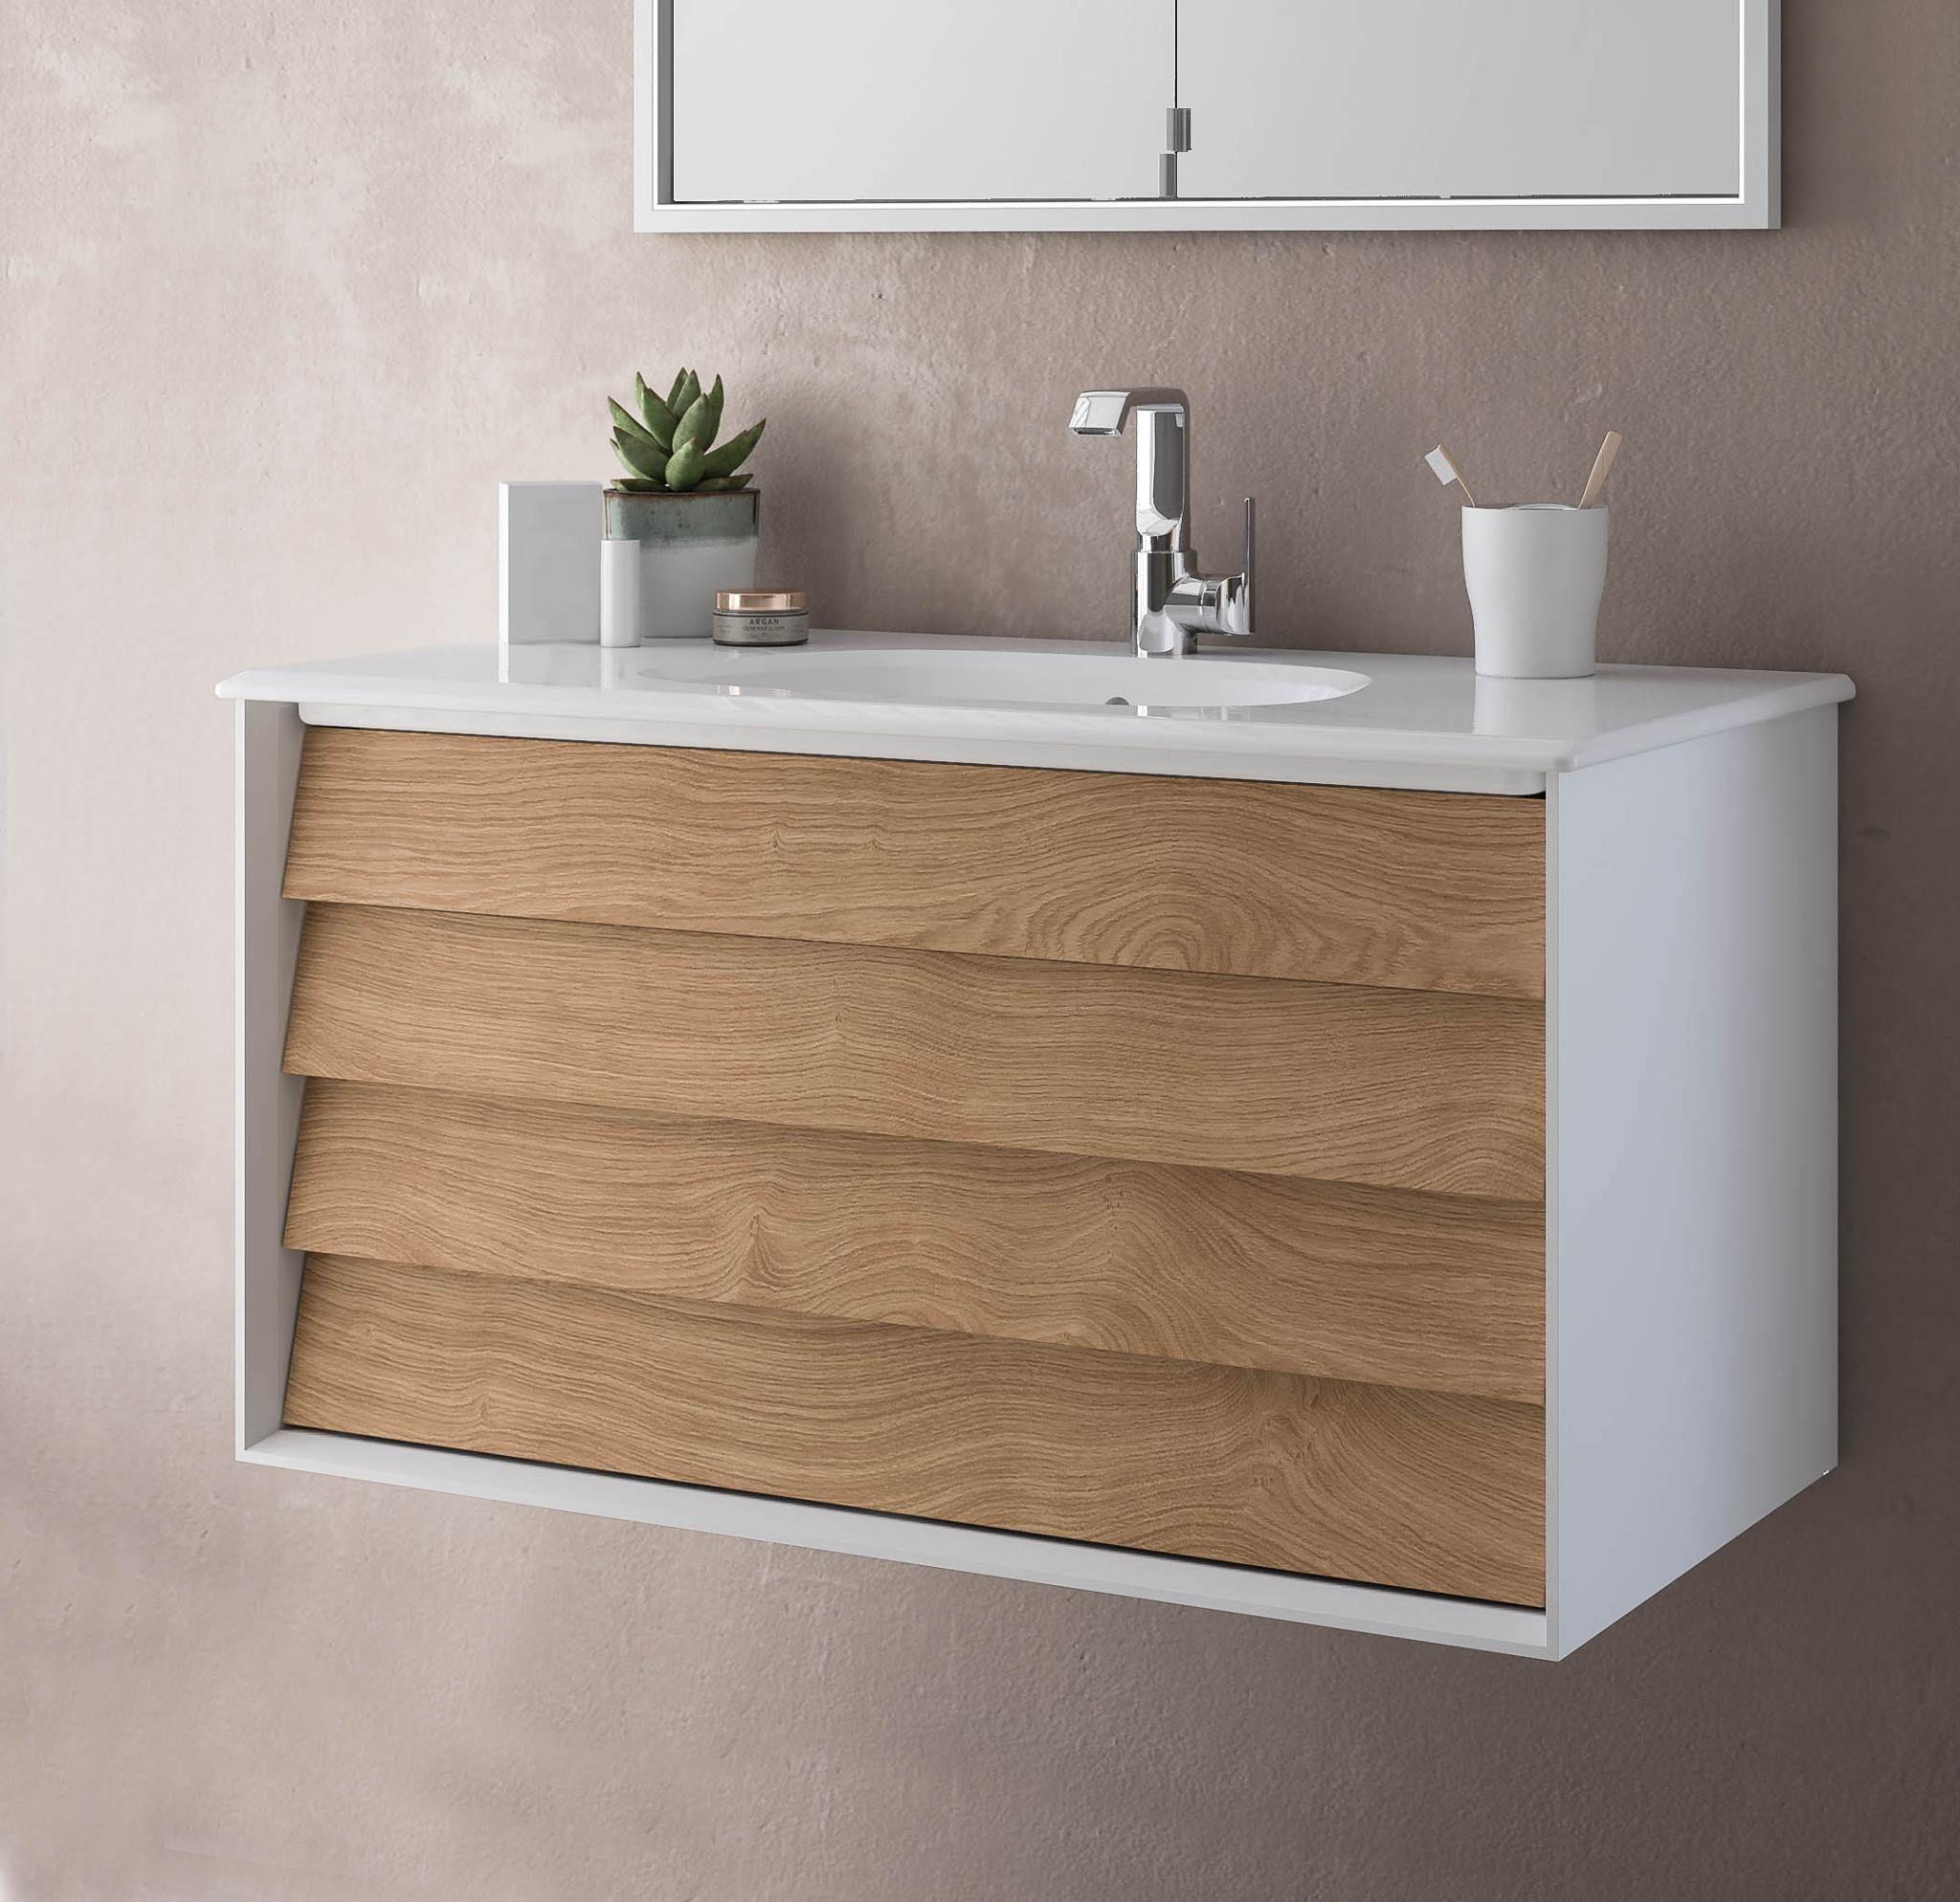 Frame from VitrA Vanity, Basin, Vitra bathrooms